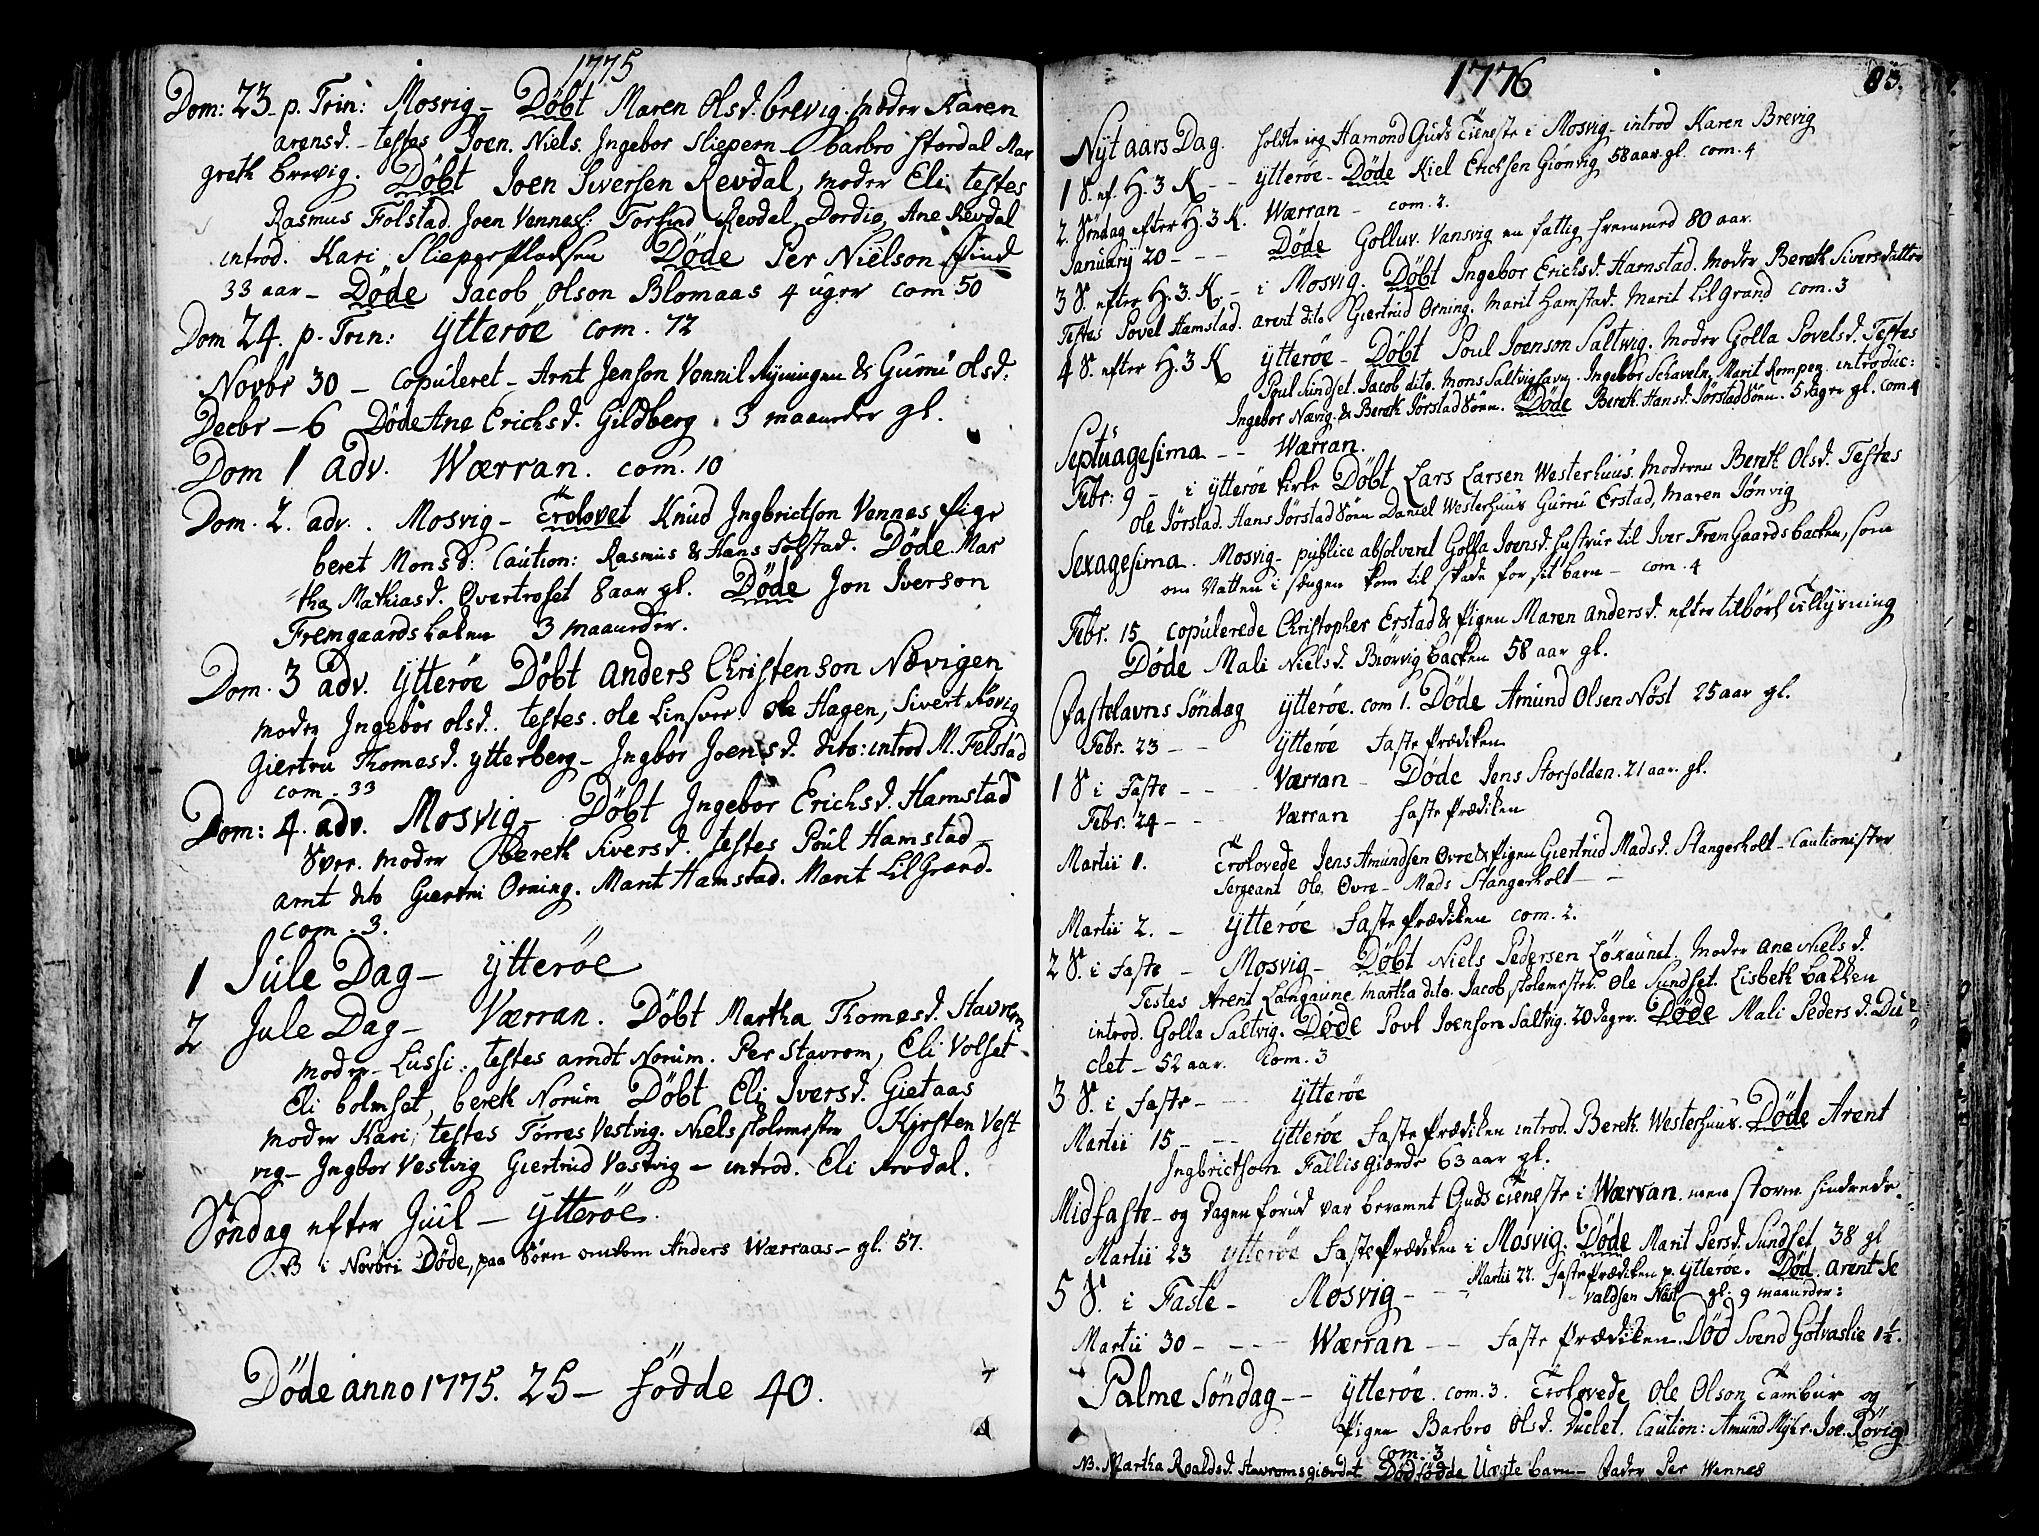 SAT, Ministerialprotokoller, klokkerbøker og fødselsregistre - Nord-Trøndelag, 722/L0216: Ministerialbok nr. 722A03, 1756-1816, s. 83